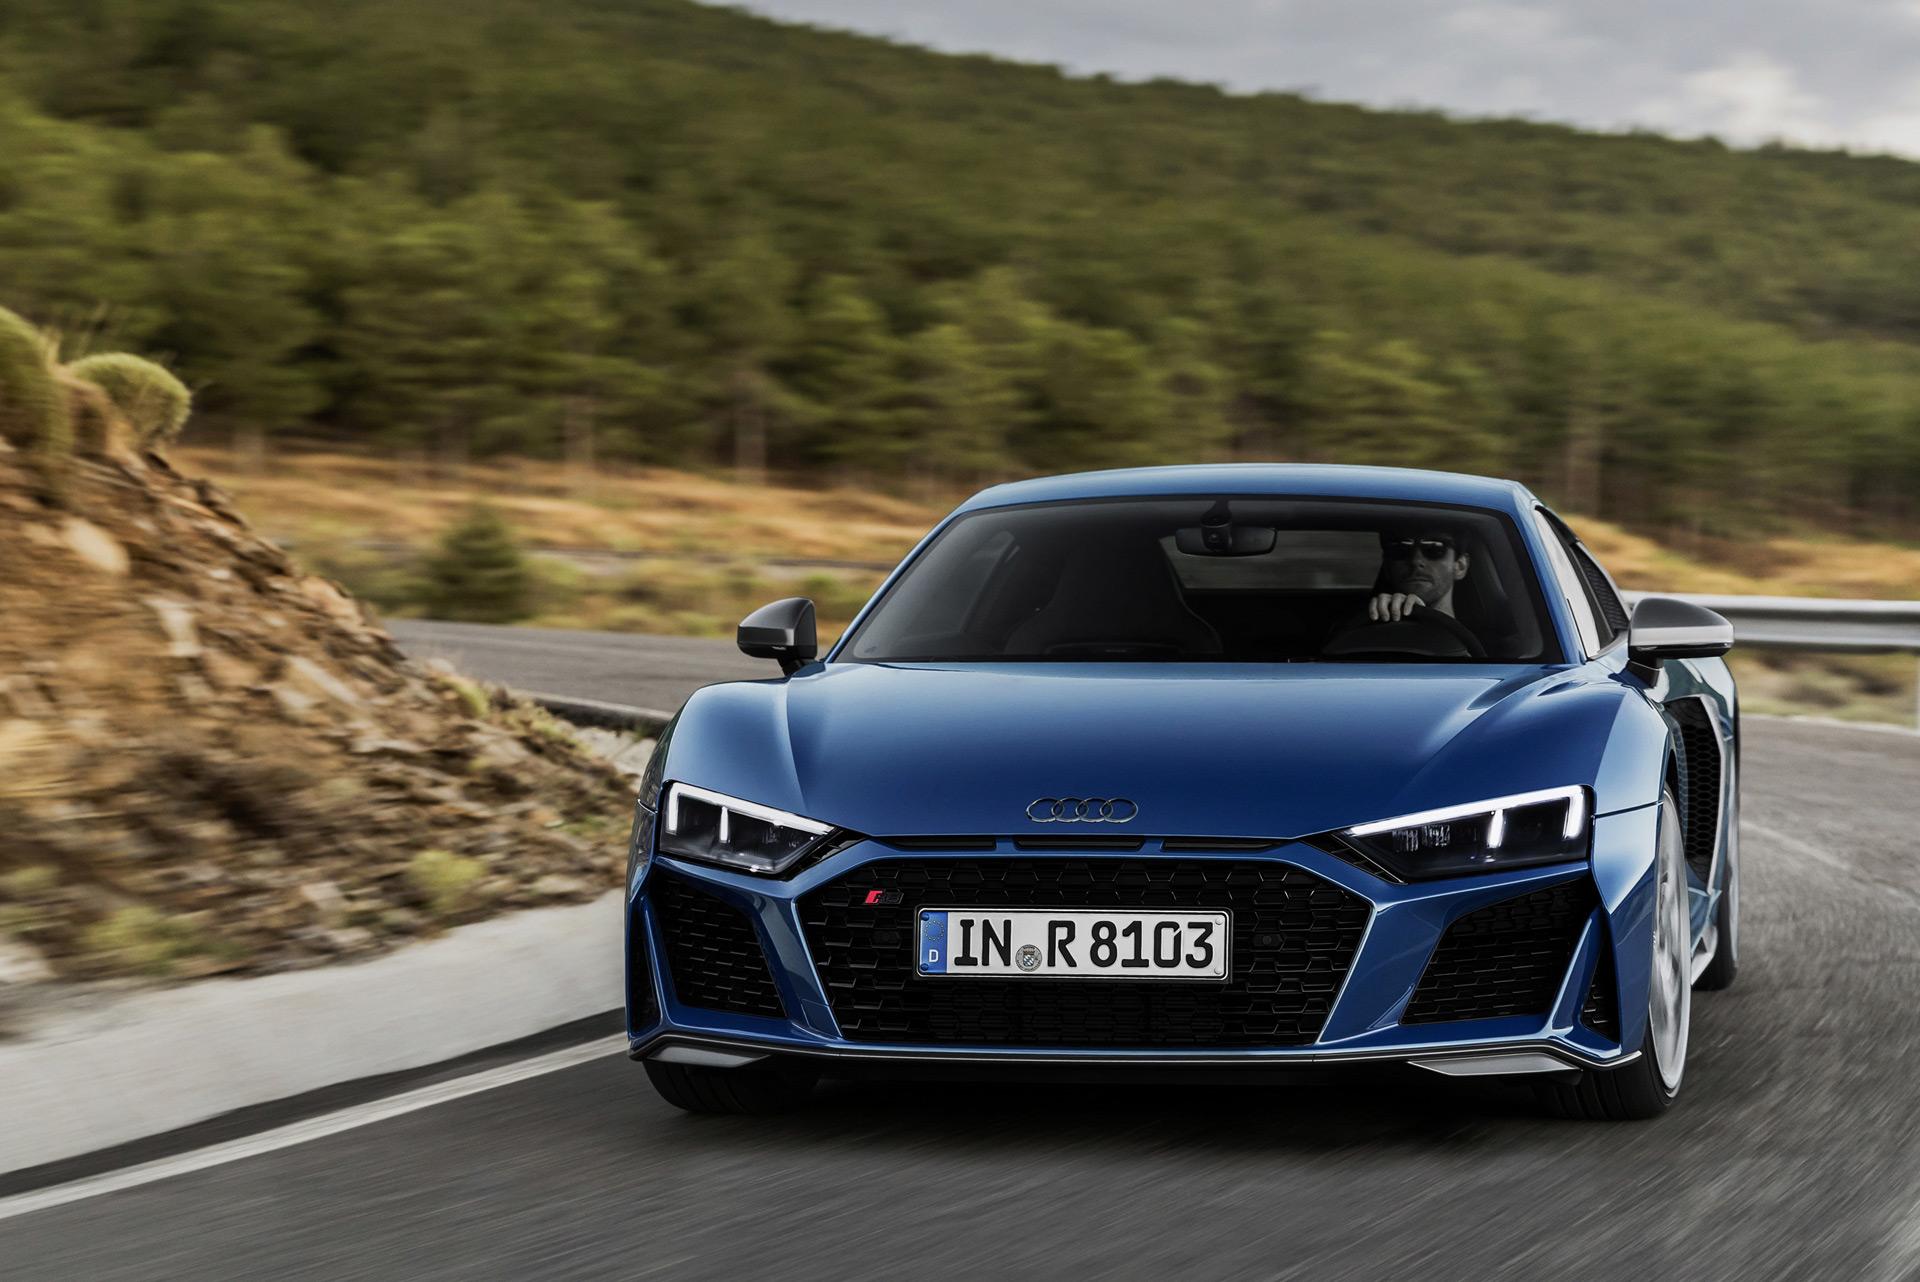 Kekurangan Audi Tt R8 Harga